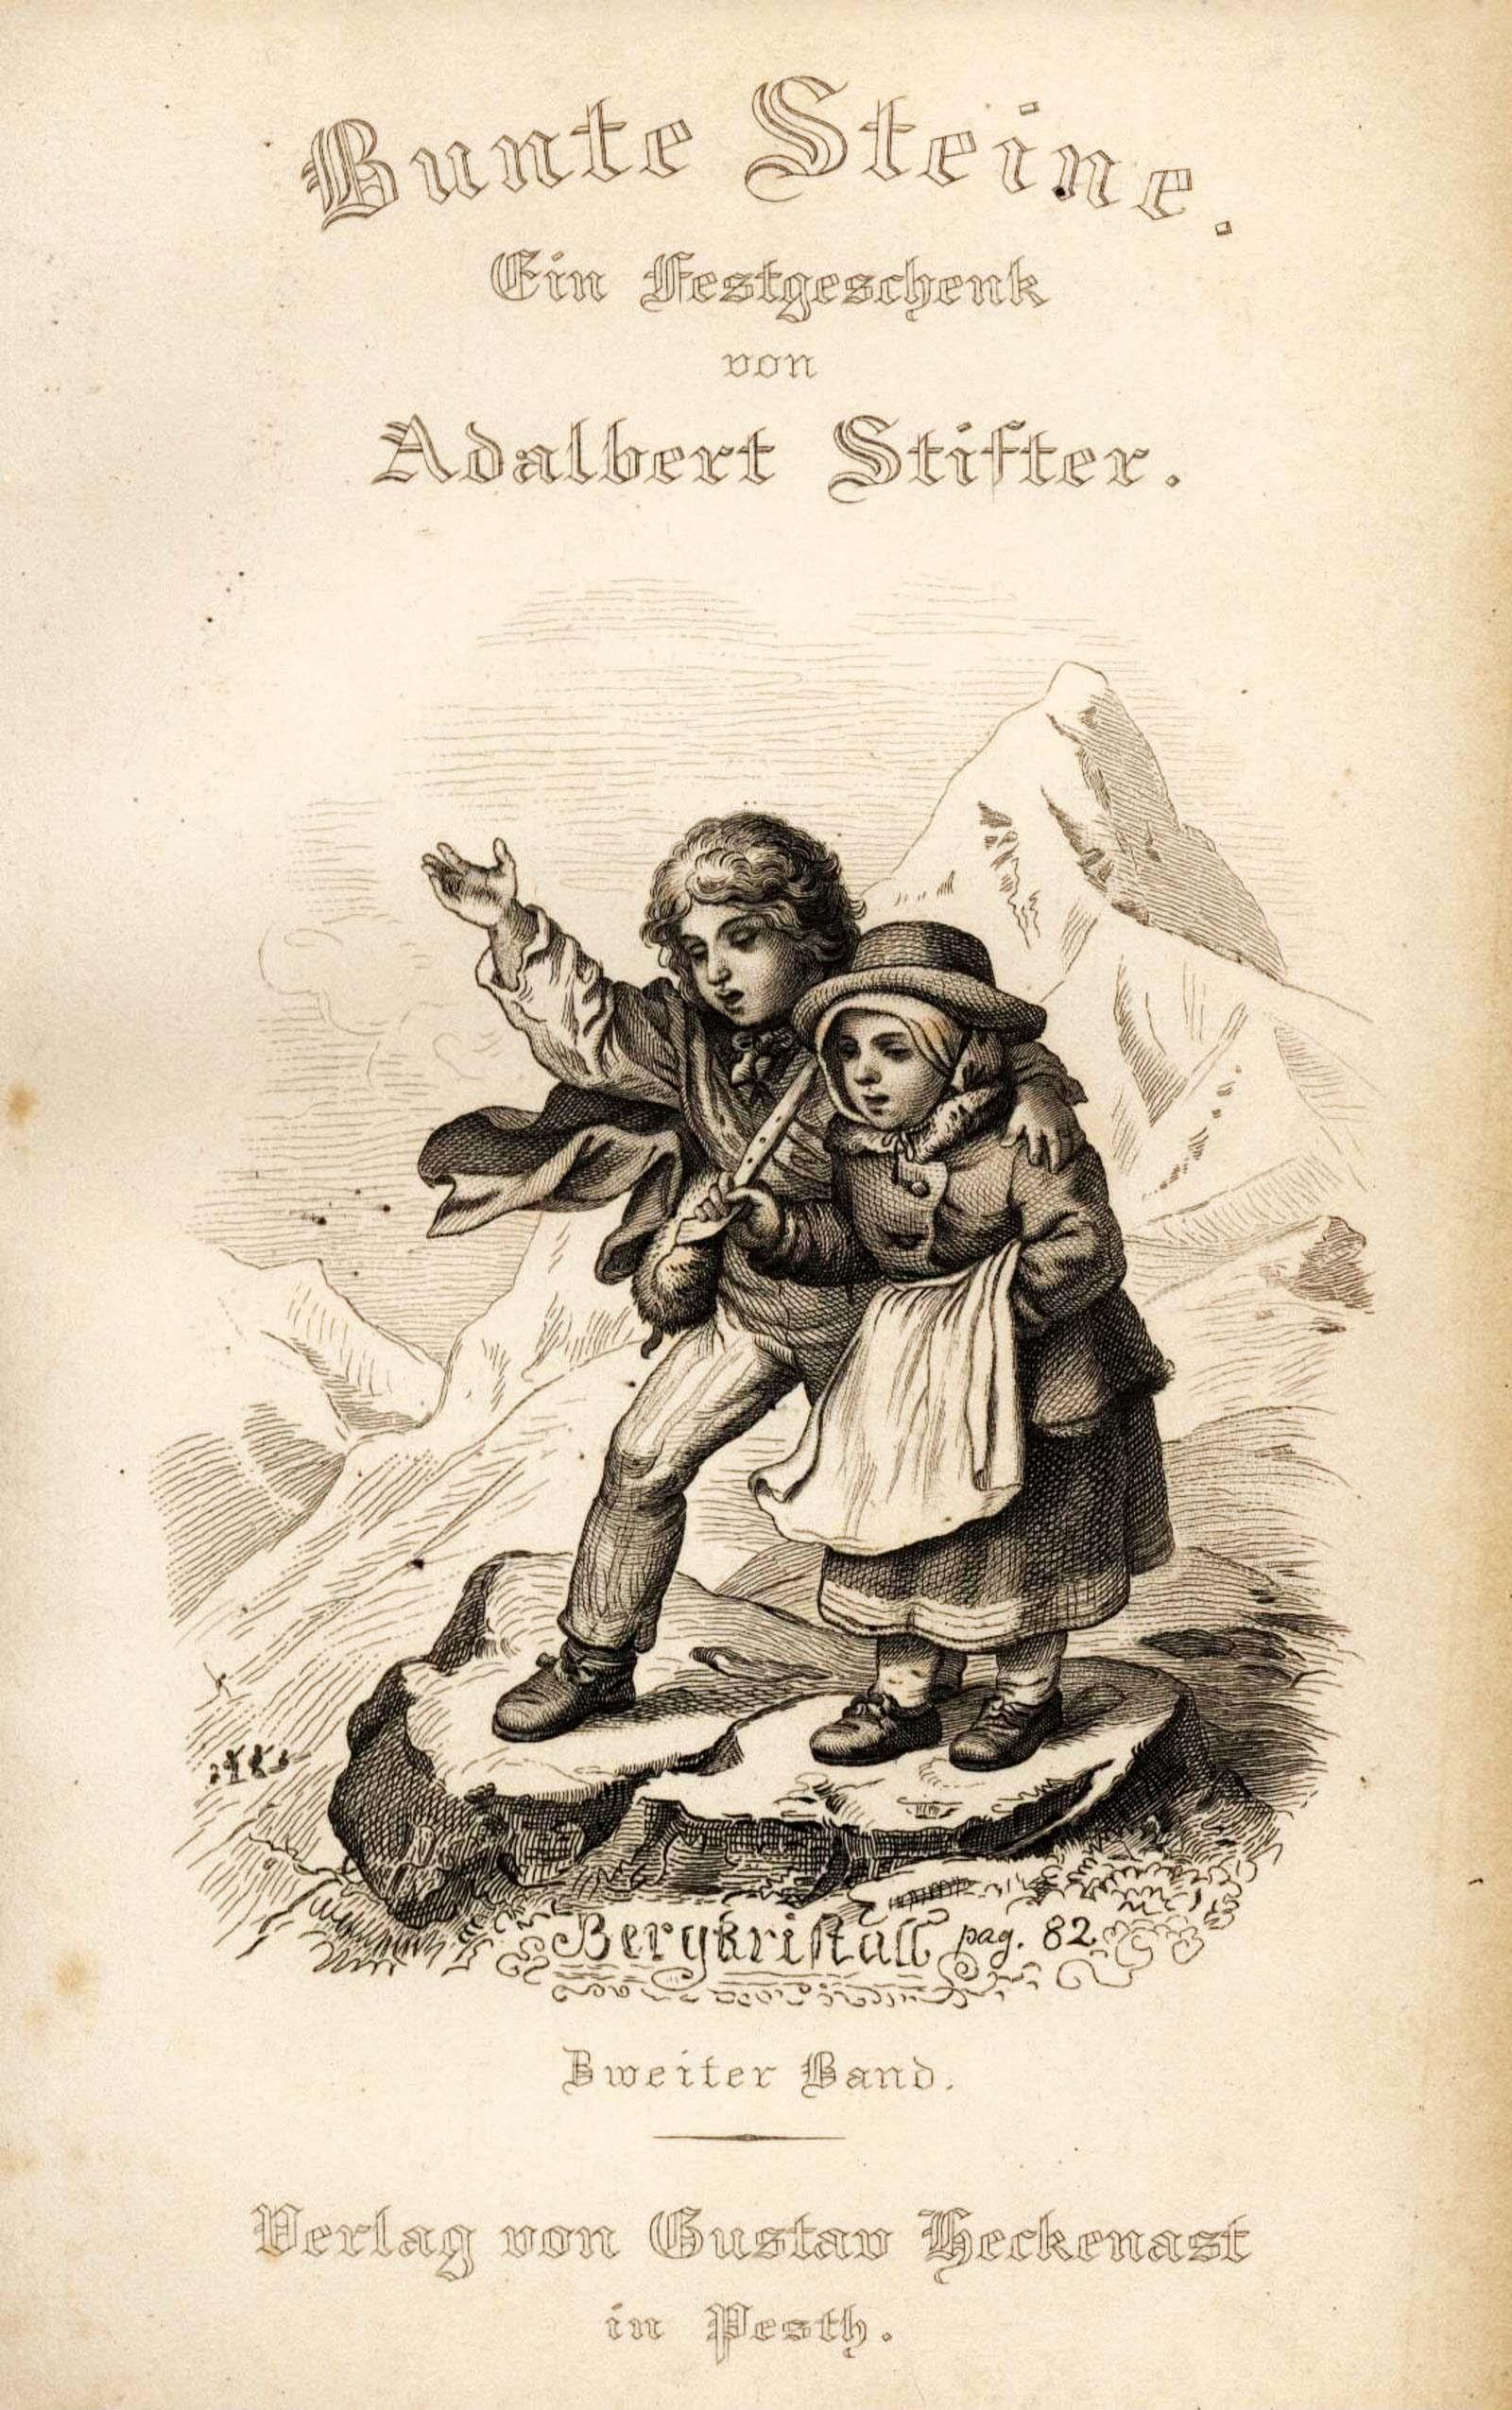 Ludwig Richter, Frontispiz zu Adalbert Stifter, Bunte Steine, 1853, Band 2